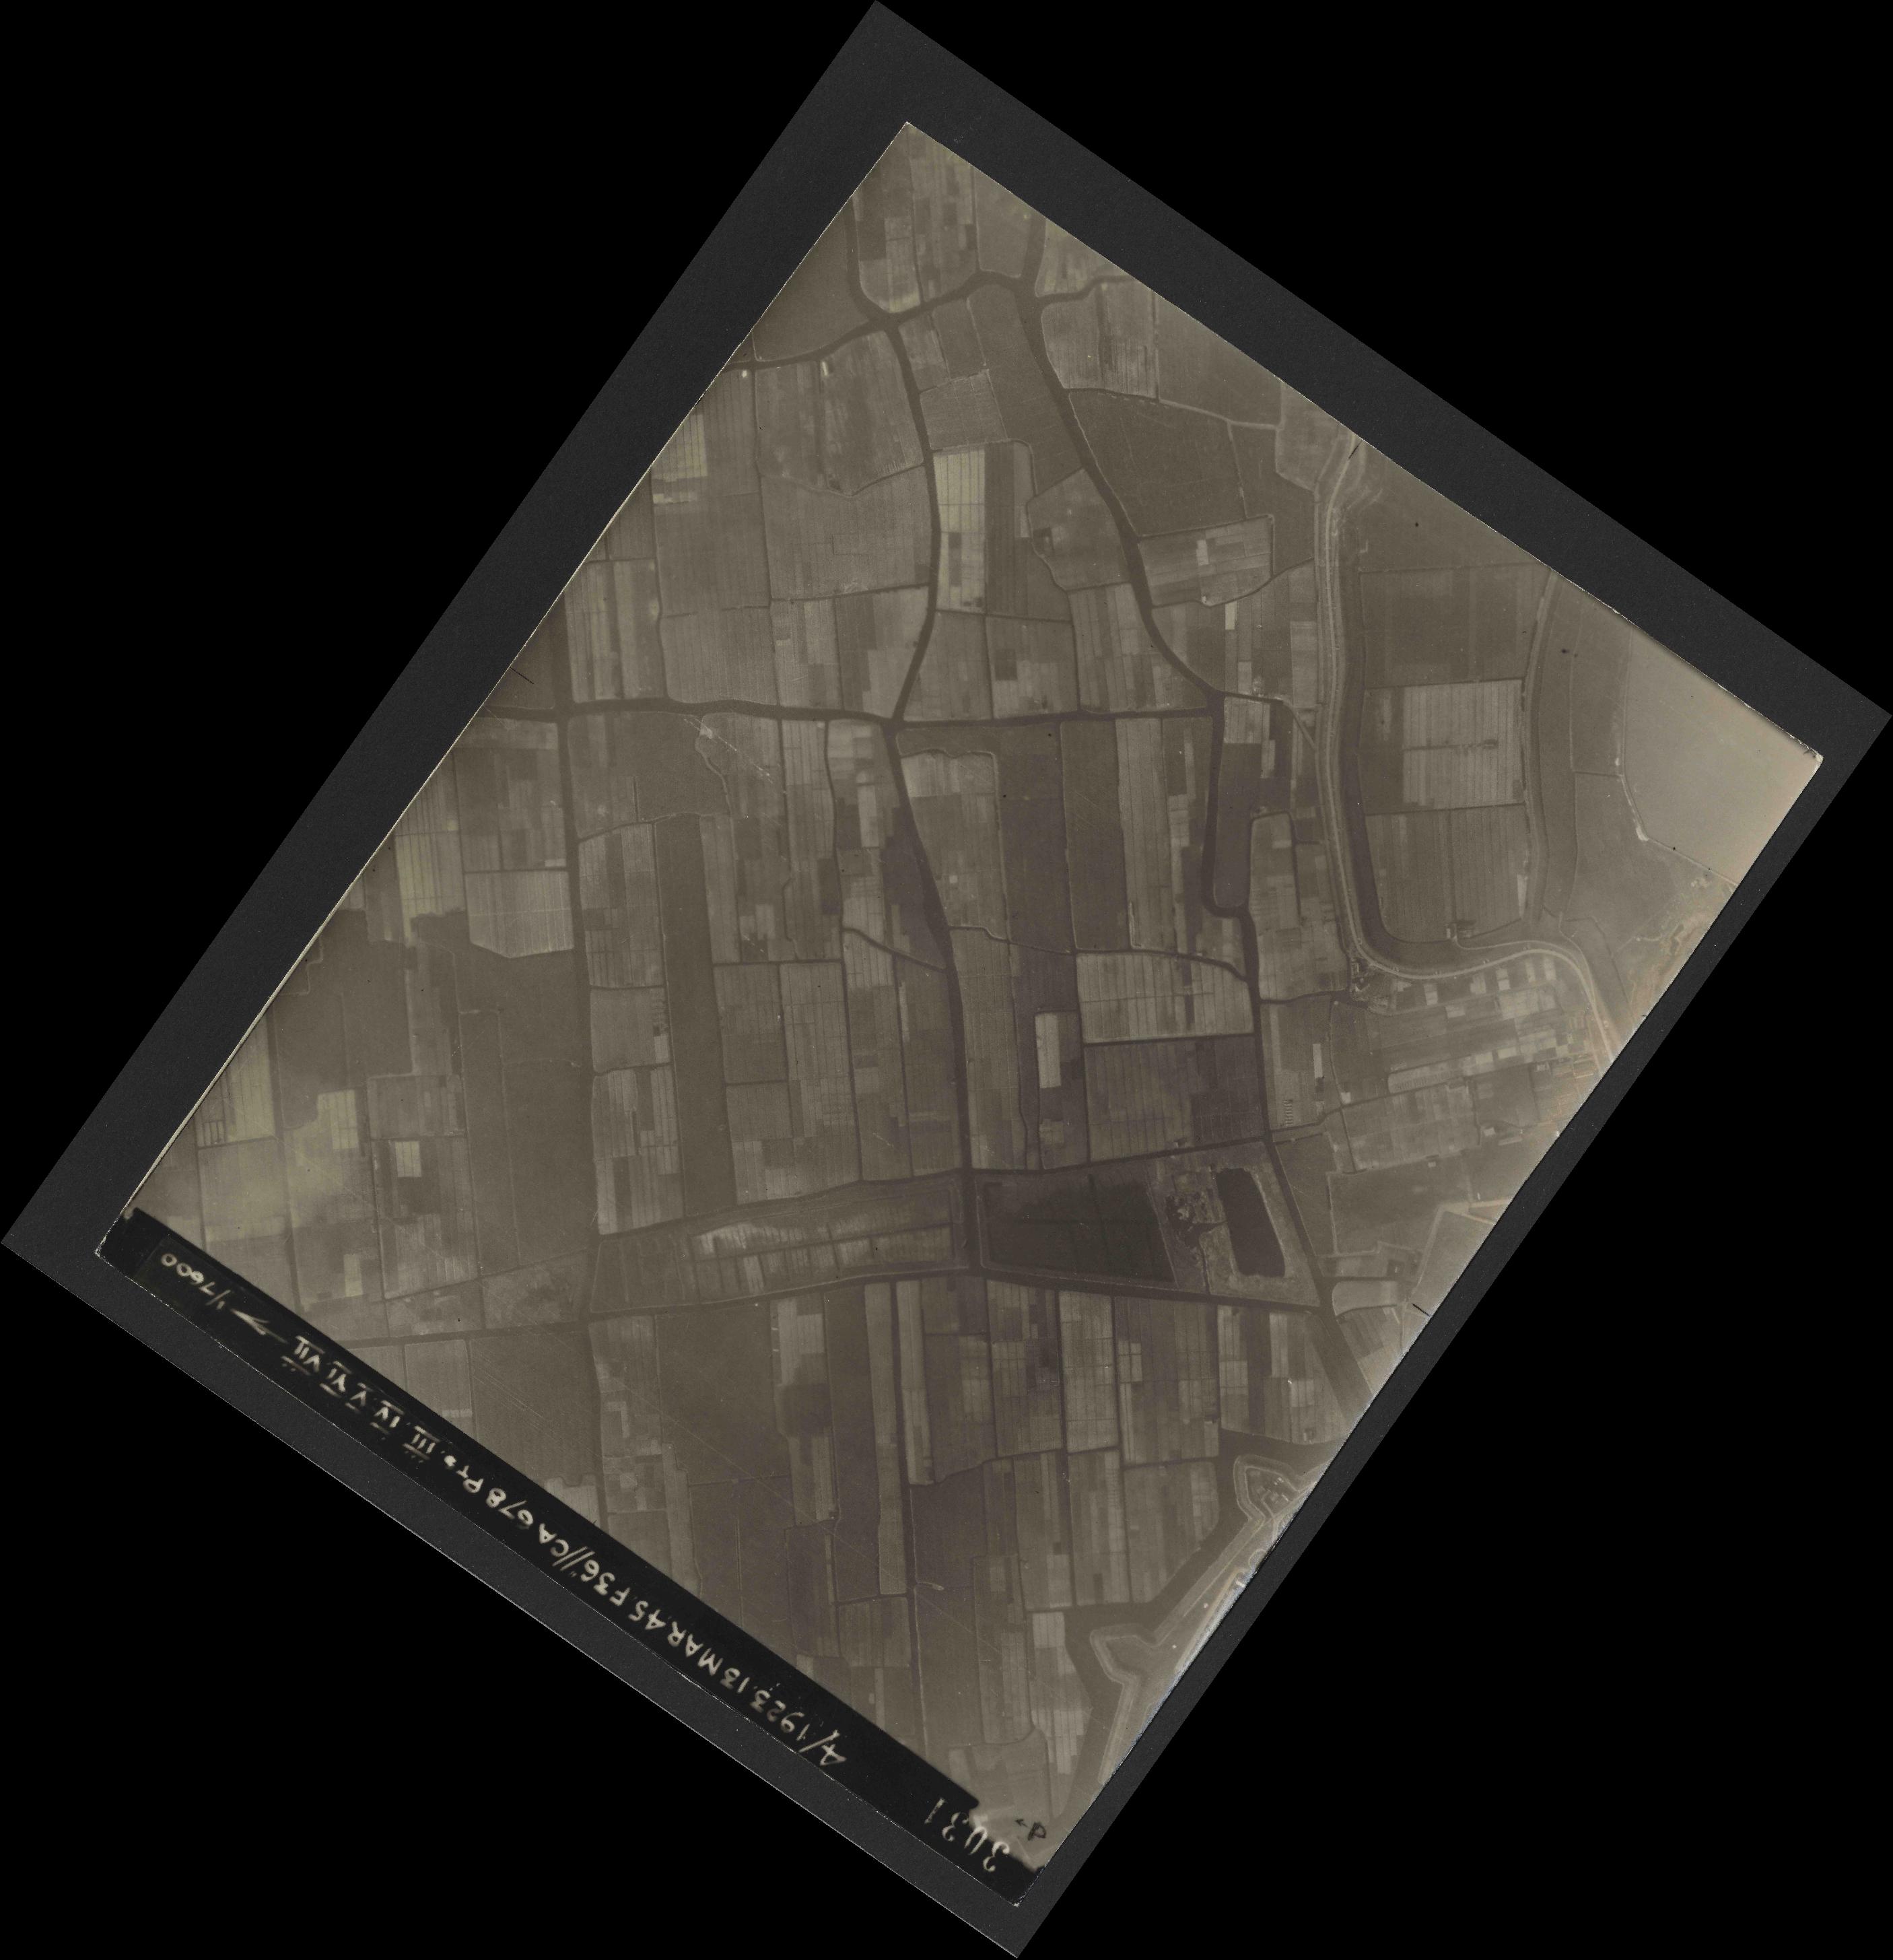 Collection RAF aerial photos 1940-1945 - flight 245, run 02, photo 3031